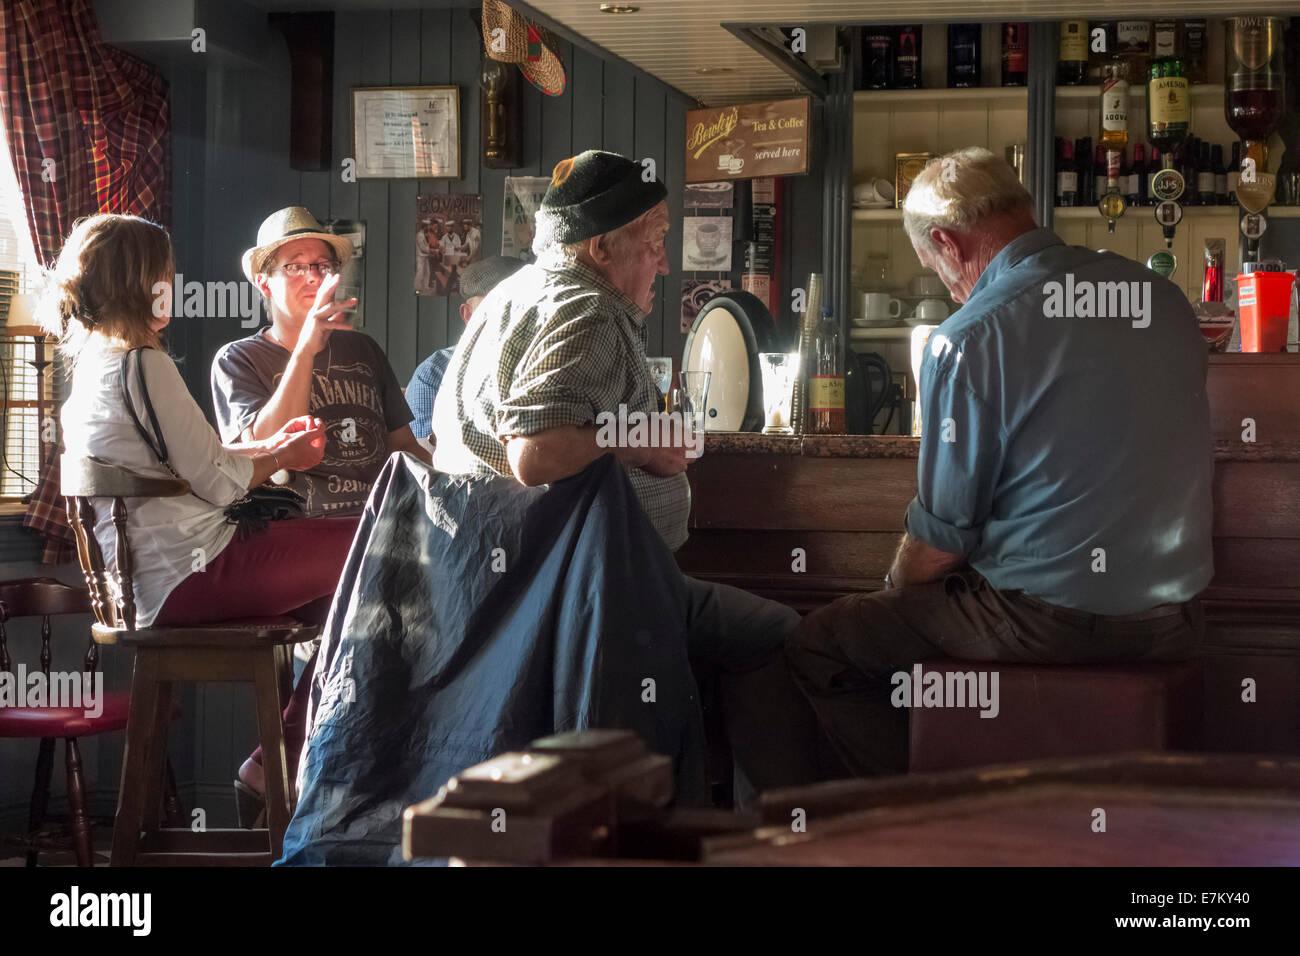 Grands buveurs dans un pub traditionnel dans le centre de Killorglin, comté de Kerry, Irlande Photo Stock